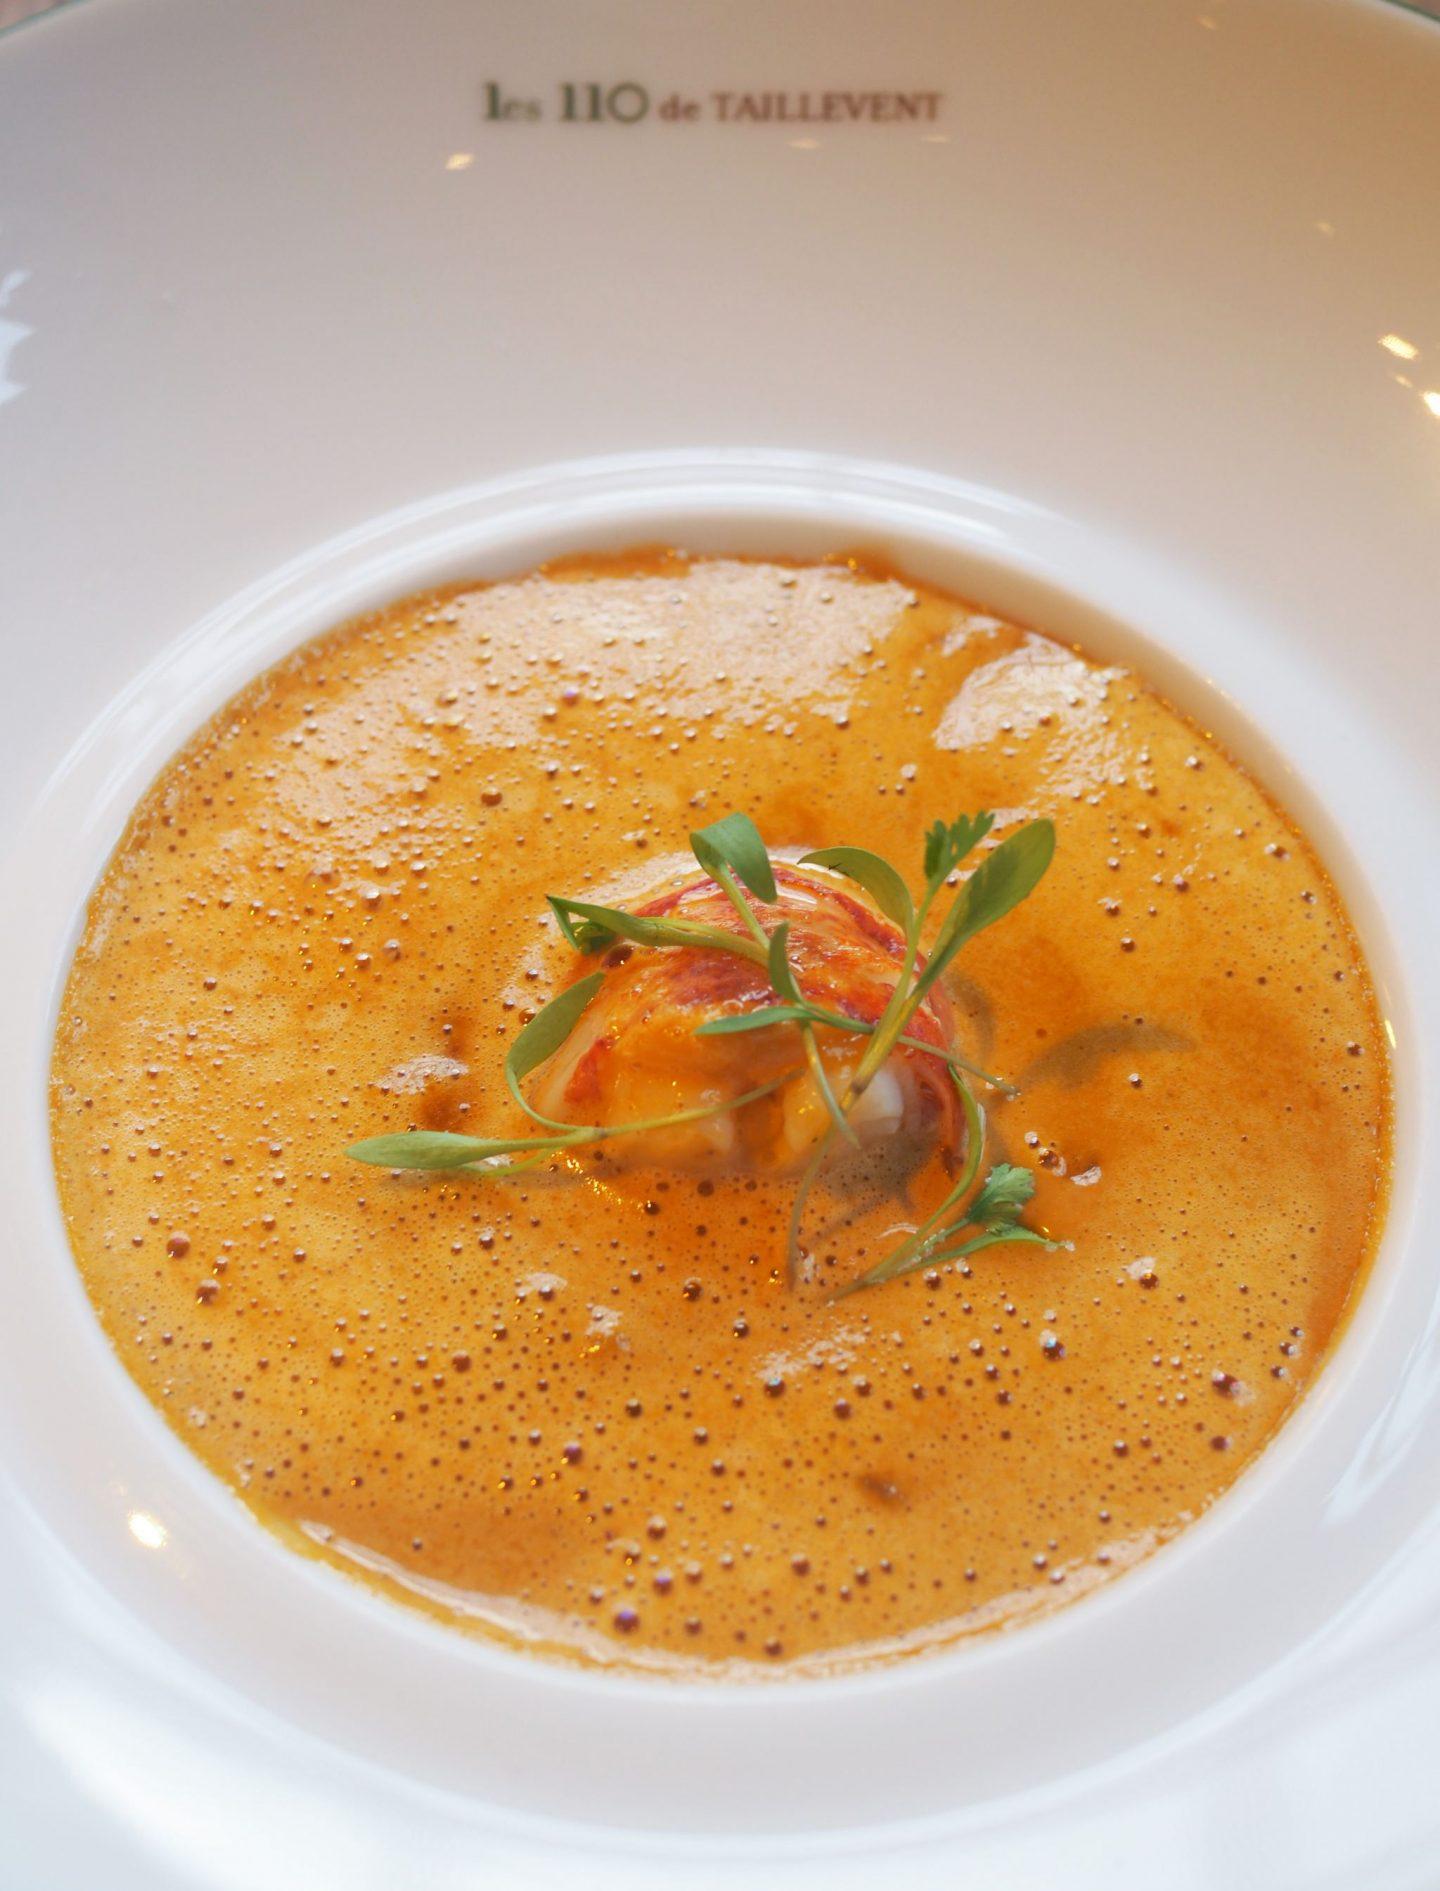 London Restaurant: Les 110 de Taillevent